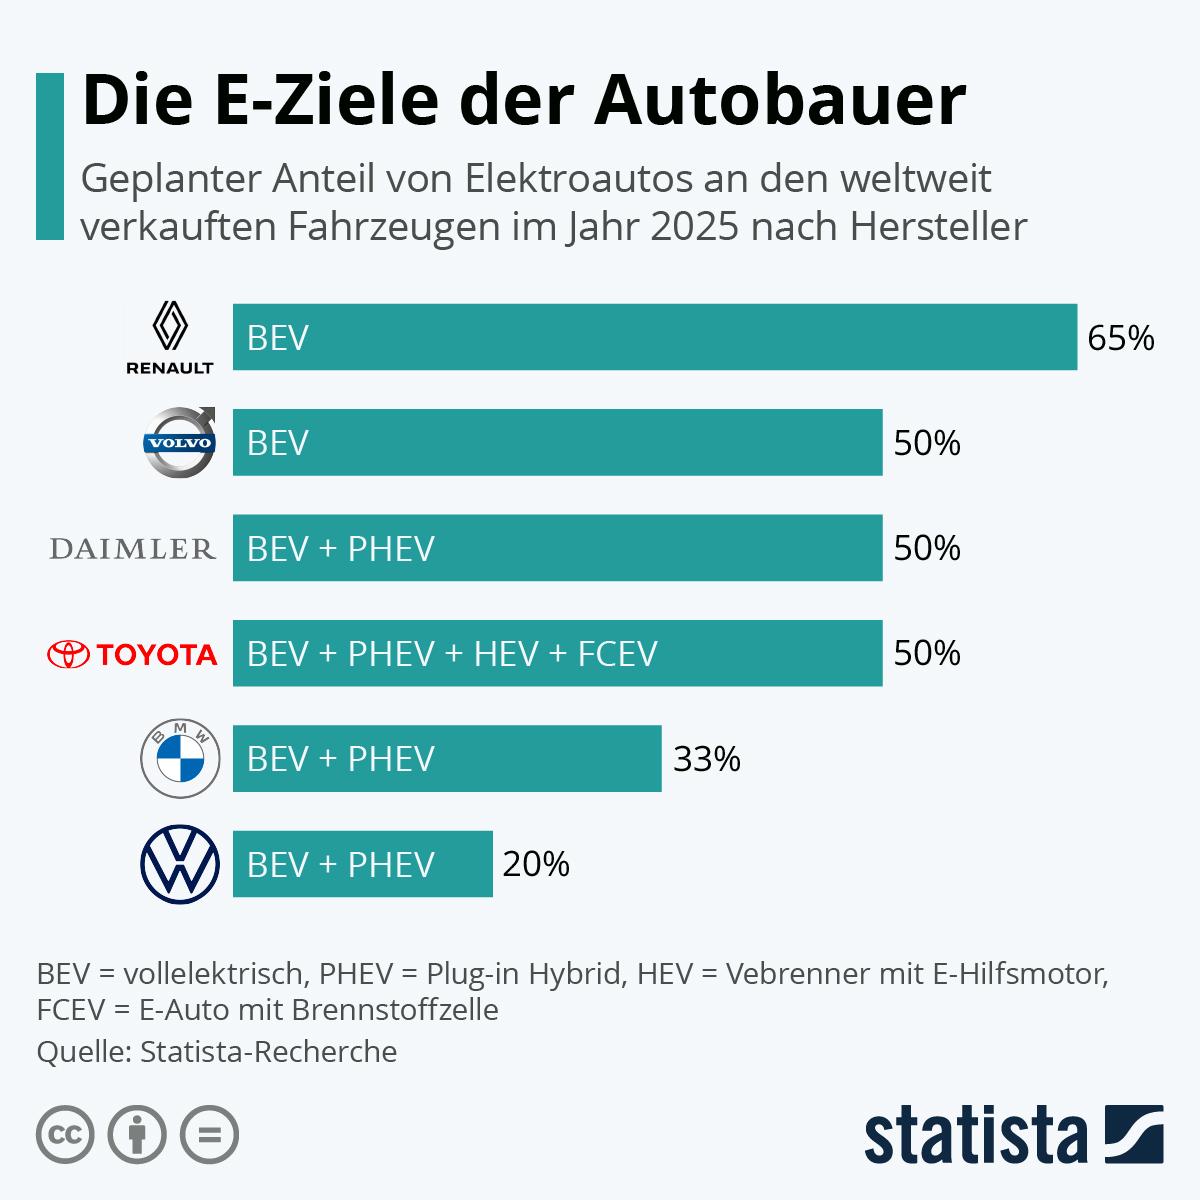 Infografik die E-Ziele der Autobauer